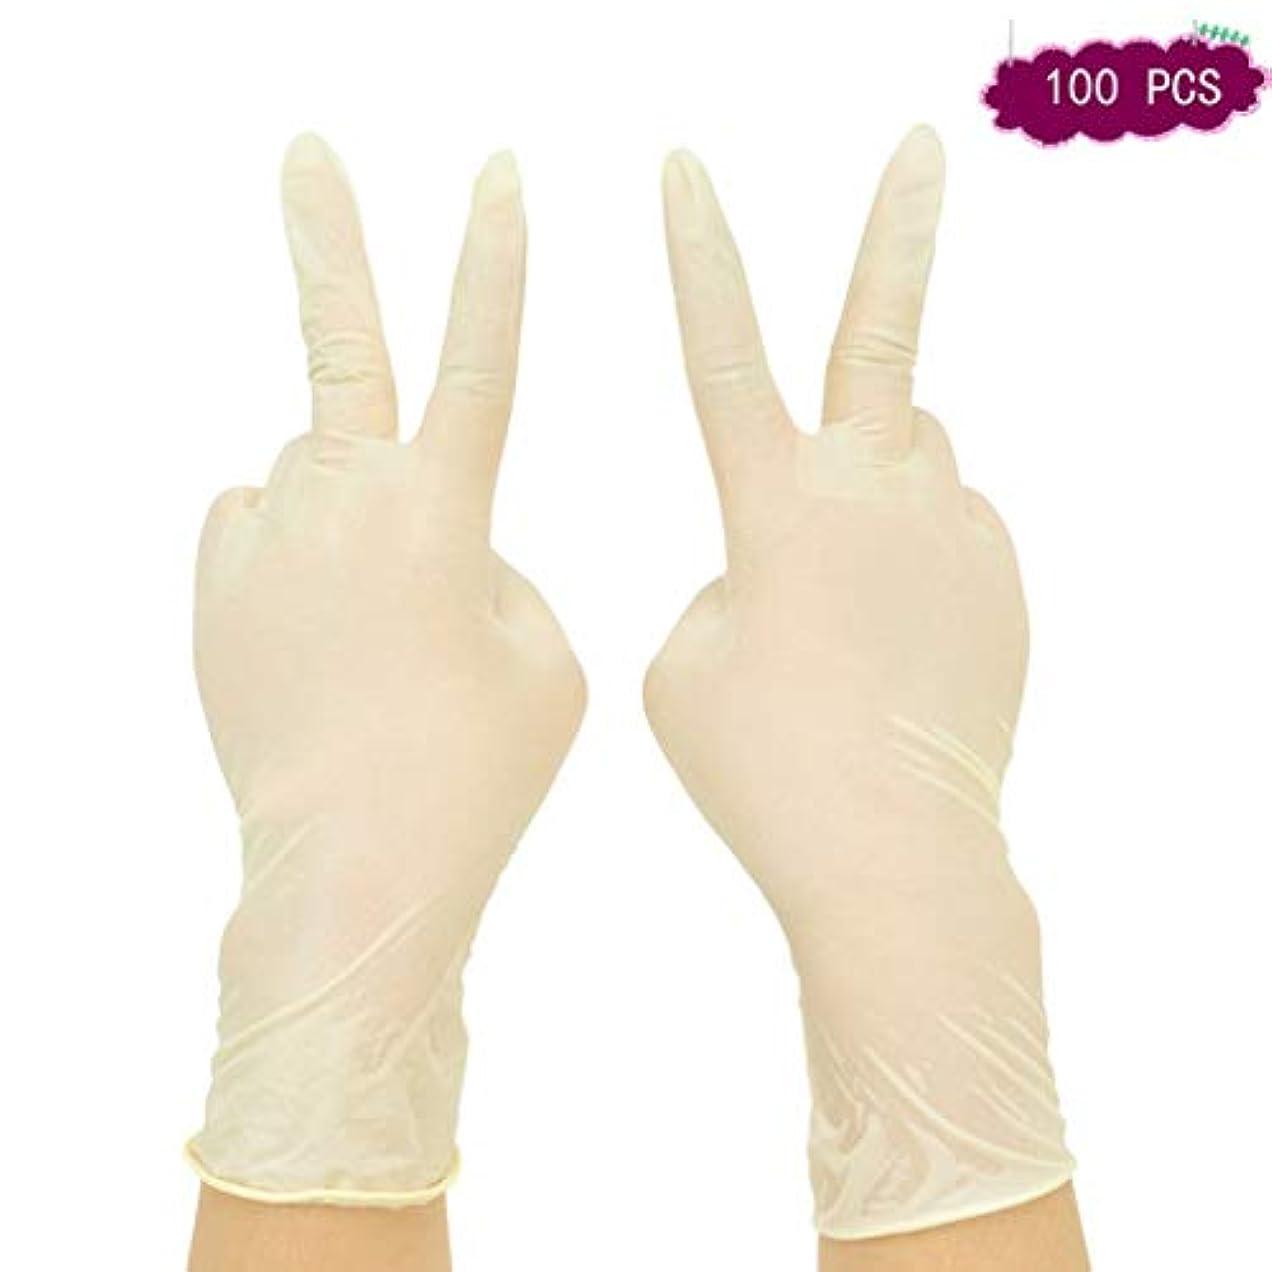 明らかにする大通りクラブ使い捨てラテックス手袋パウダーフリーのラテックス手袋9インチのホームキッチンの洗濯皿洗いラテックスアンチ油 (Color : 9 inch, Size : S)